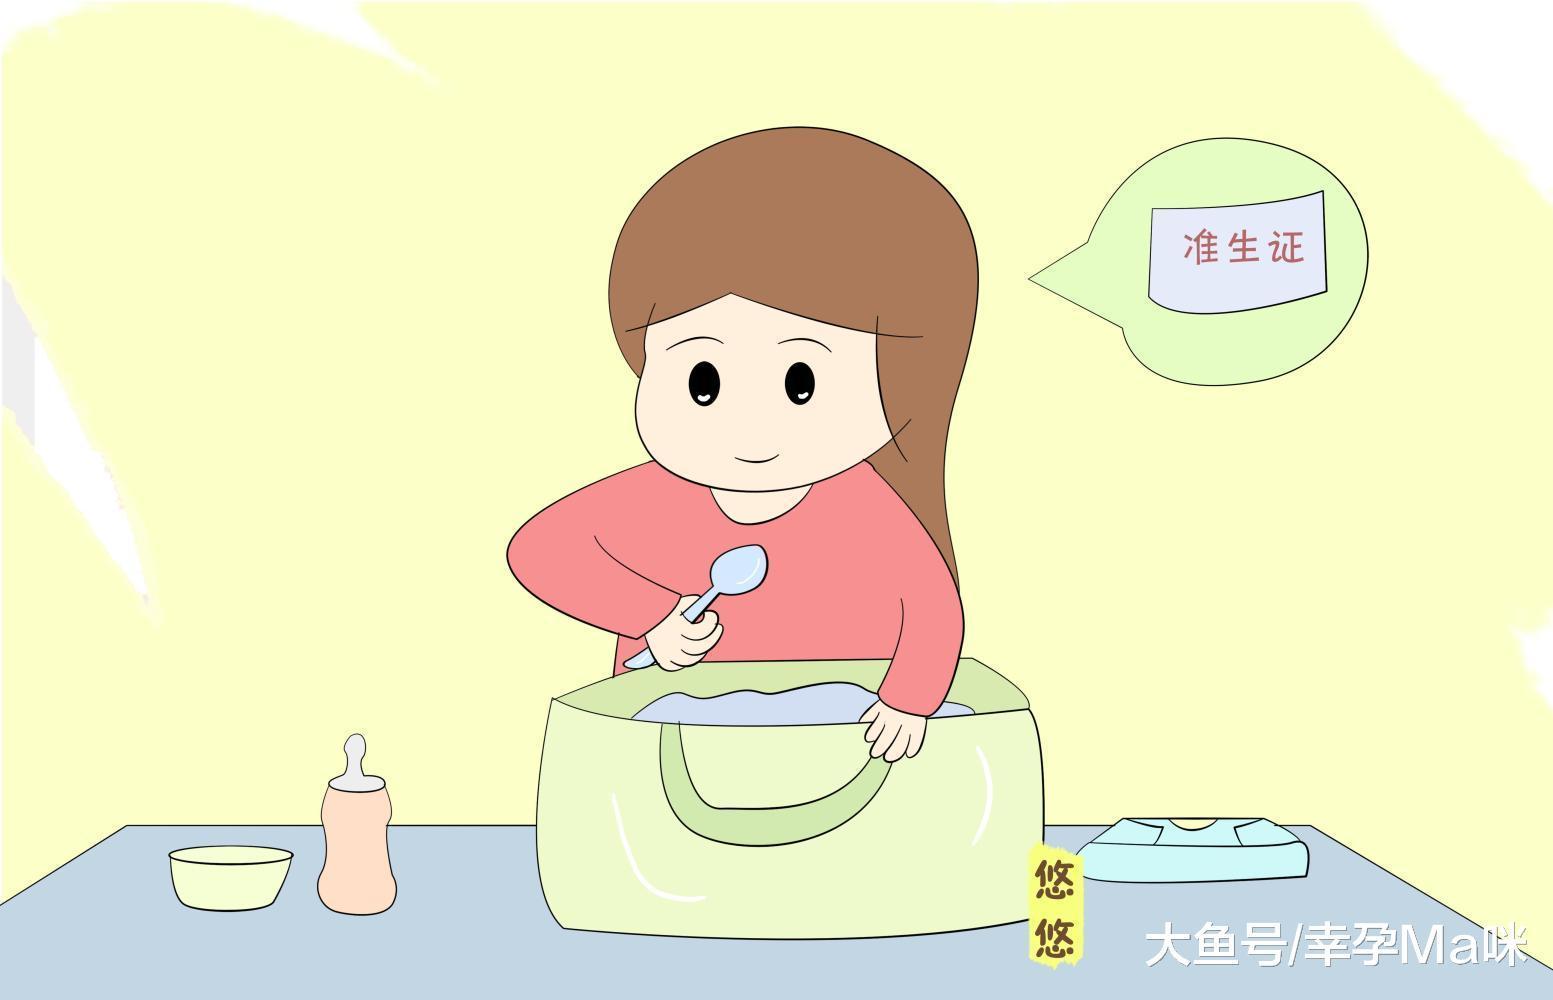 剖腹产前, 孕妈需要做好这4种准备, 细心别忽略了